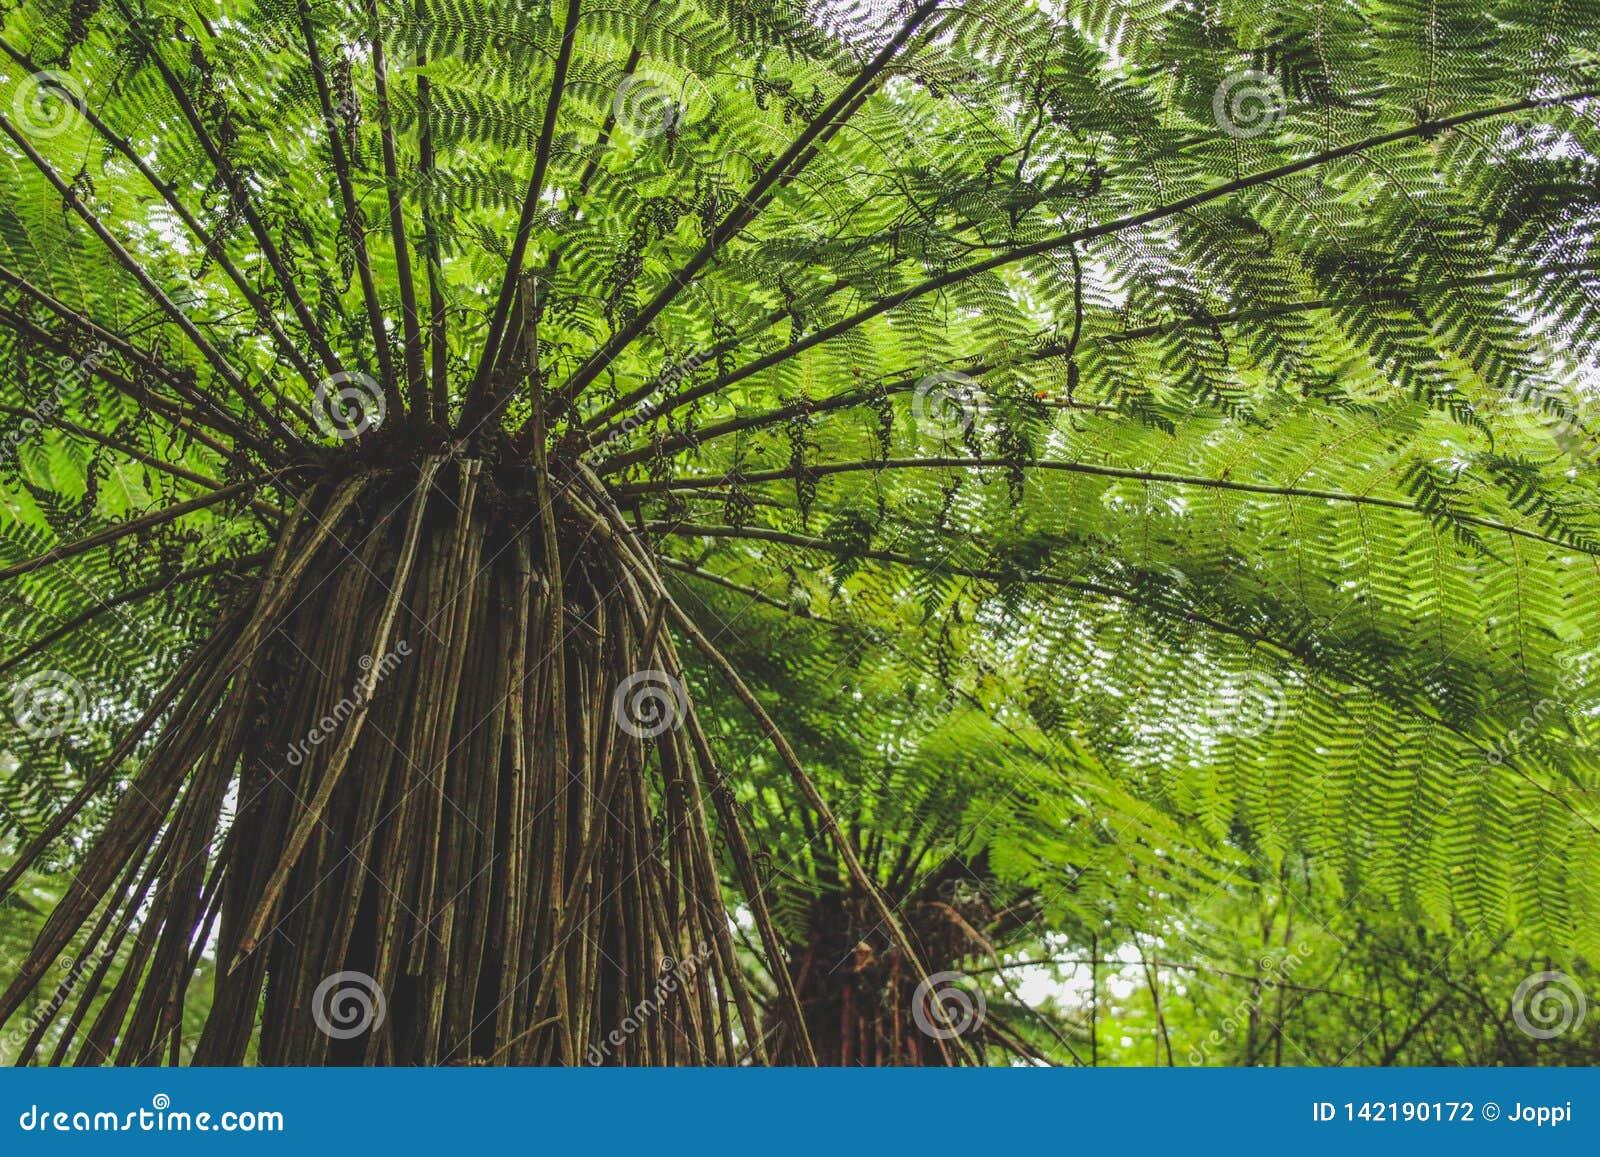 Vue d angle faible de fougère d arbre dans la forêt tropicale au Nouvelle-Zélande, île du sud